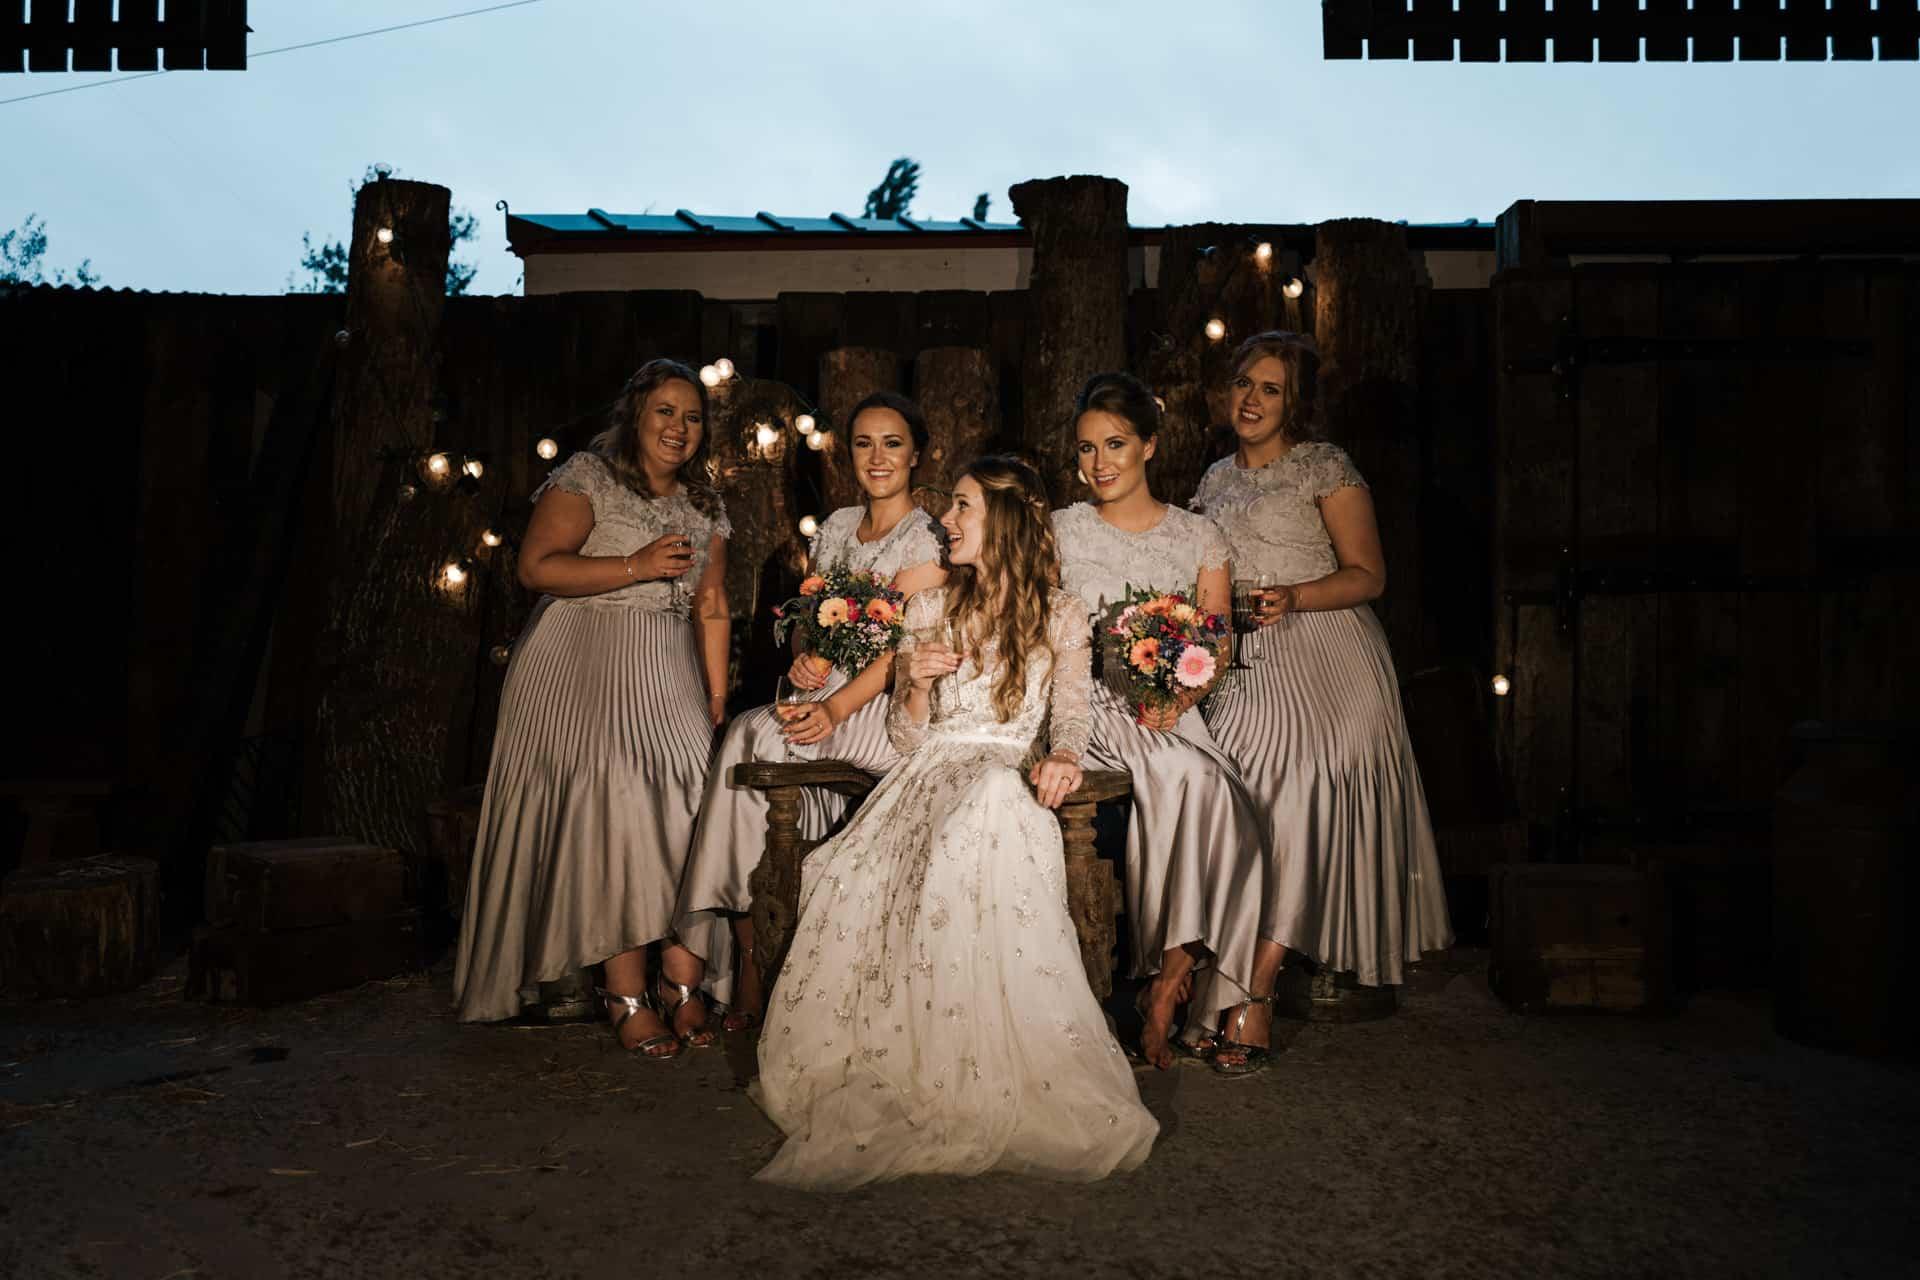 bridesmaids shot at Owen house barn wedding